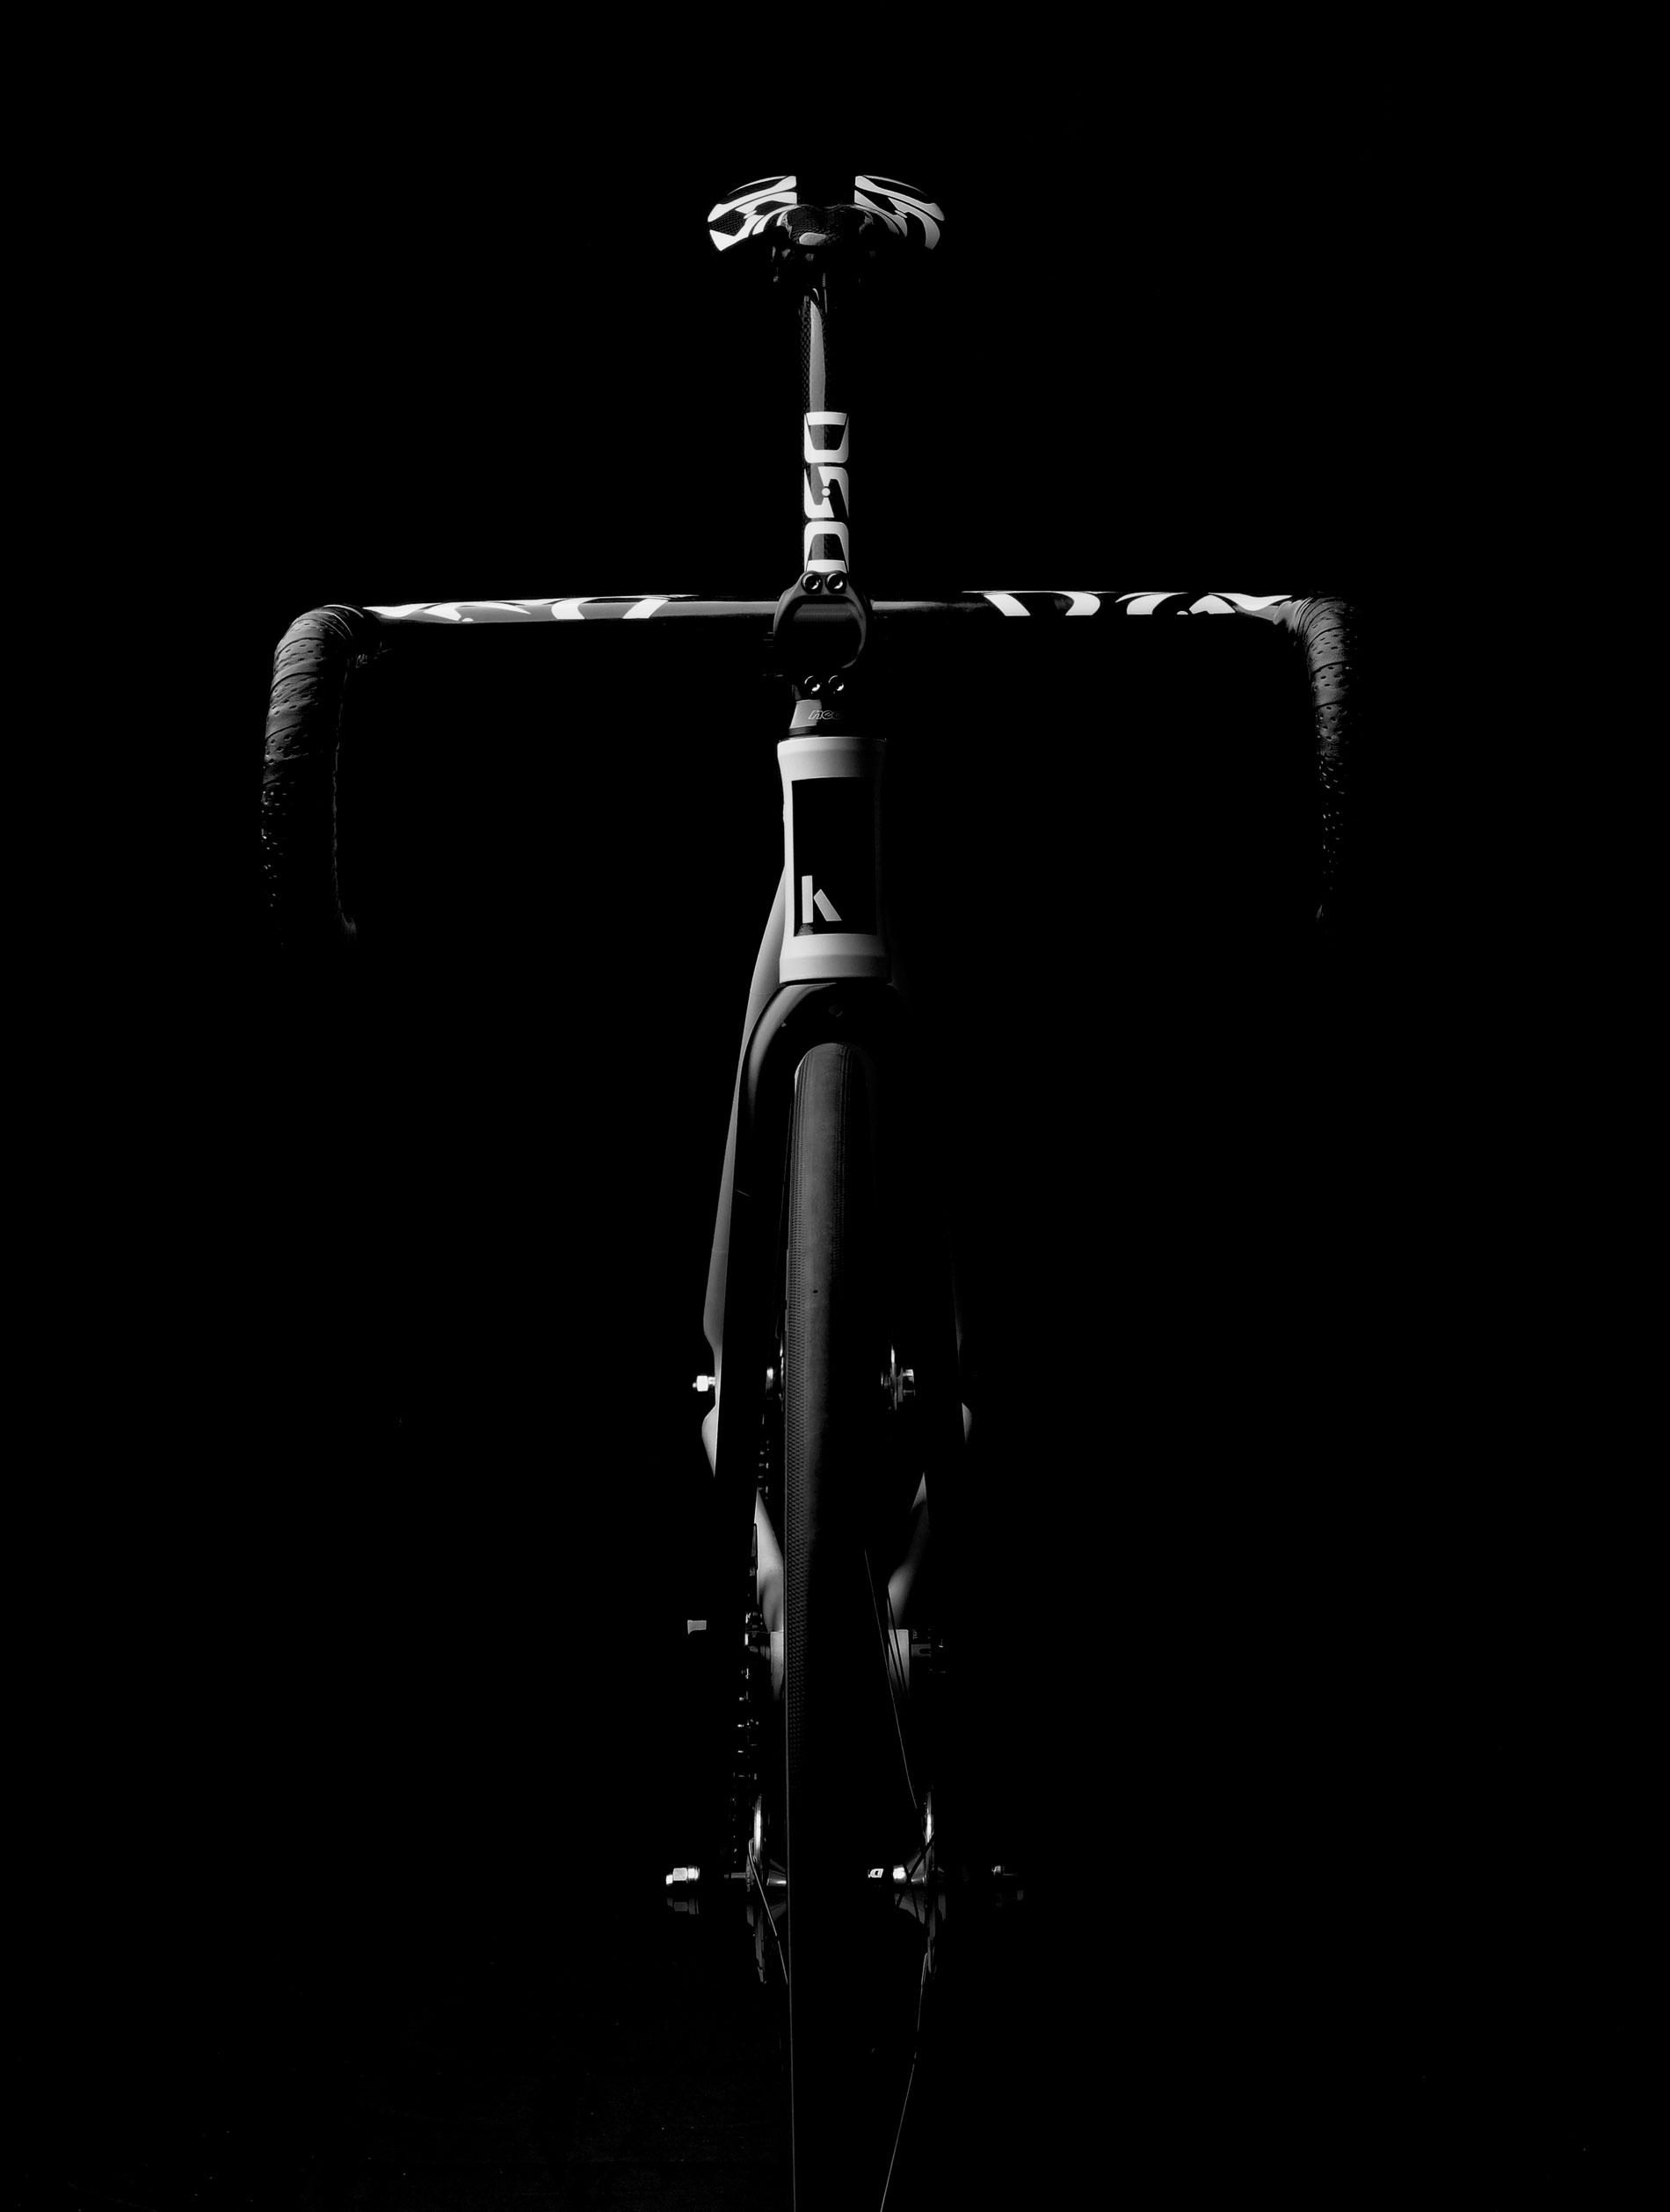 _4130073-Kingdom-DSD-Race-Bike.jpg